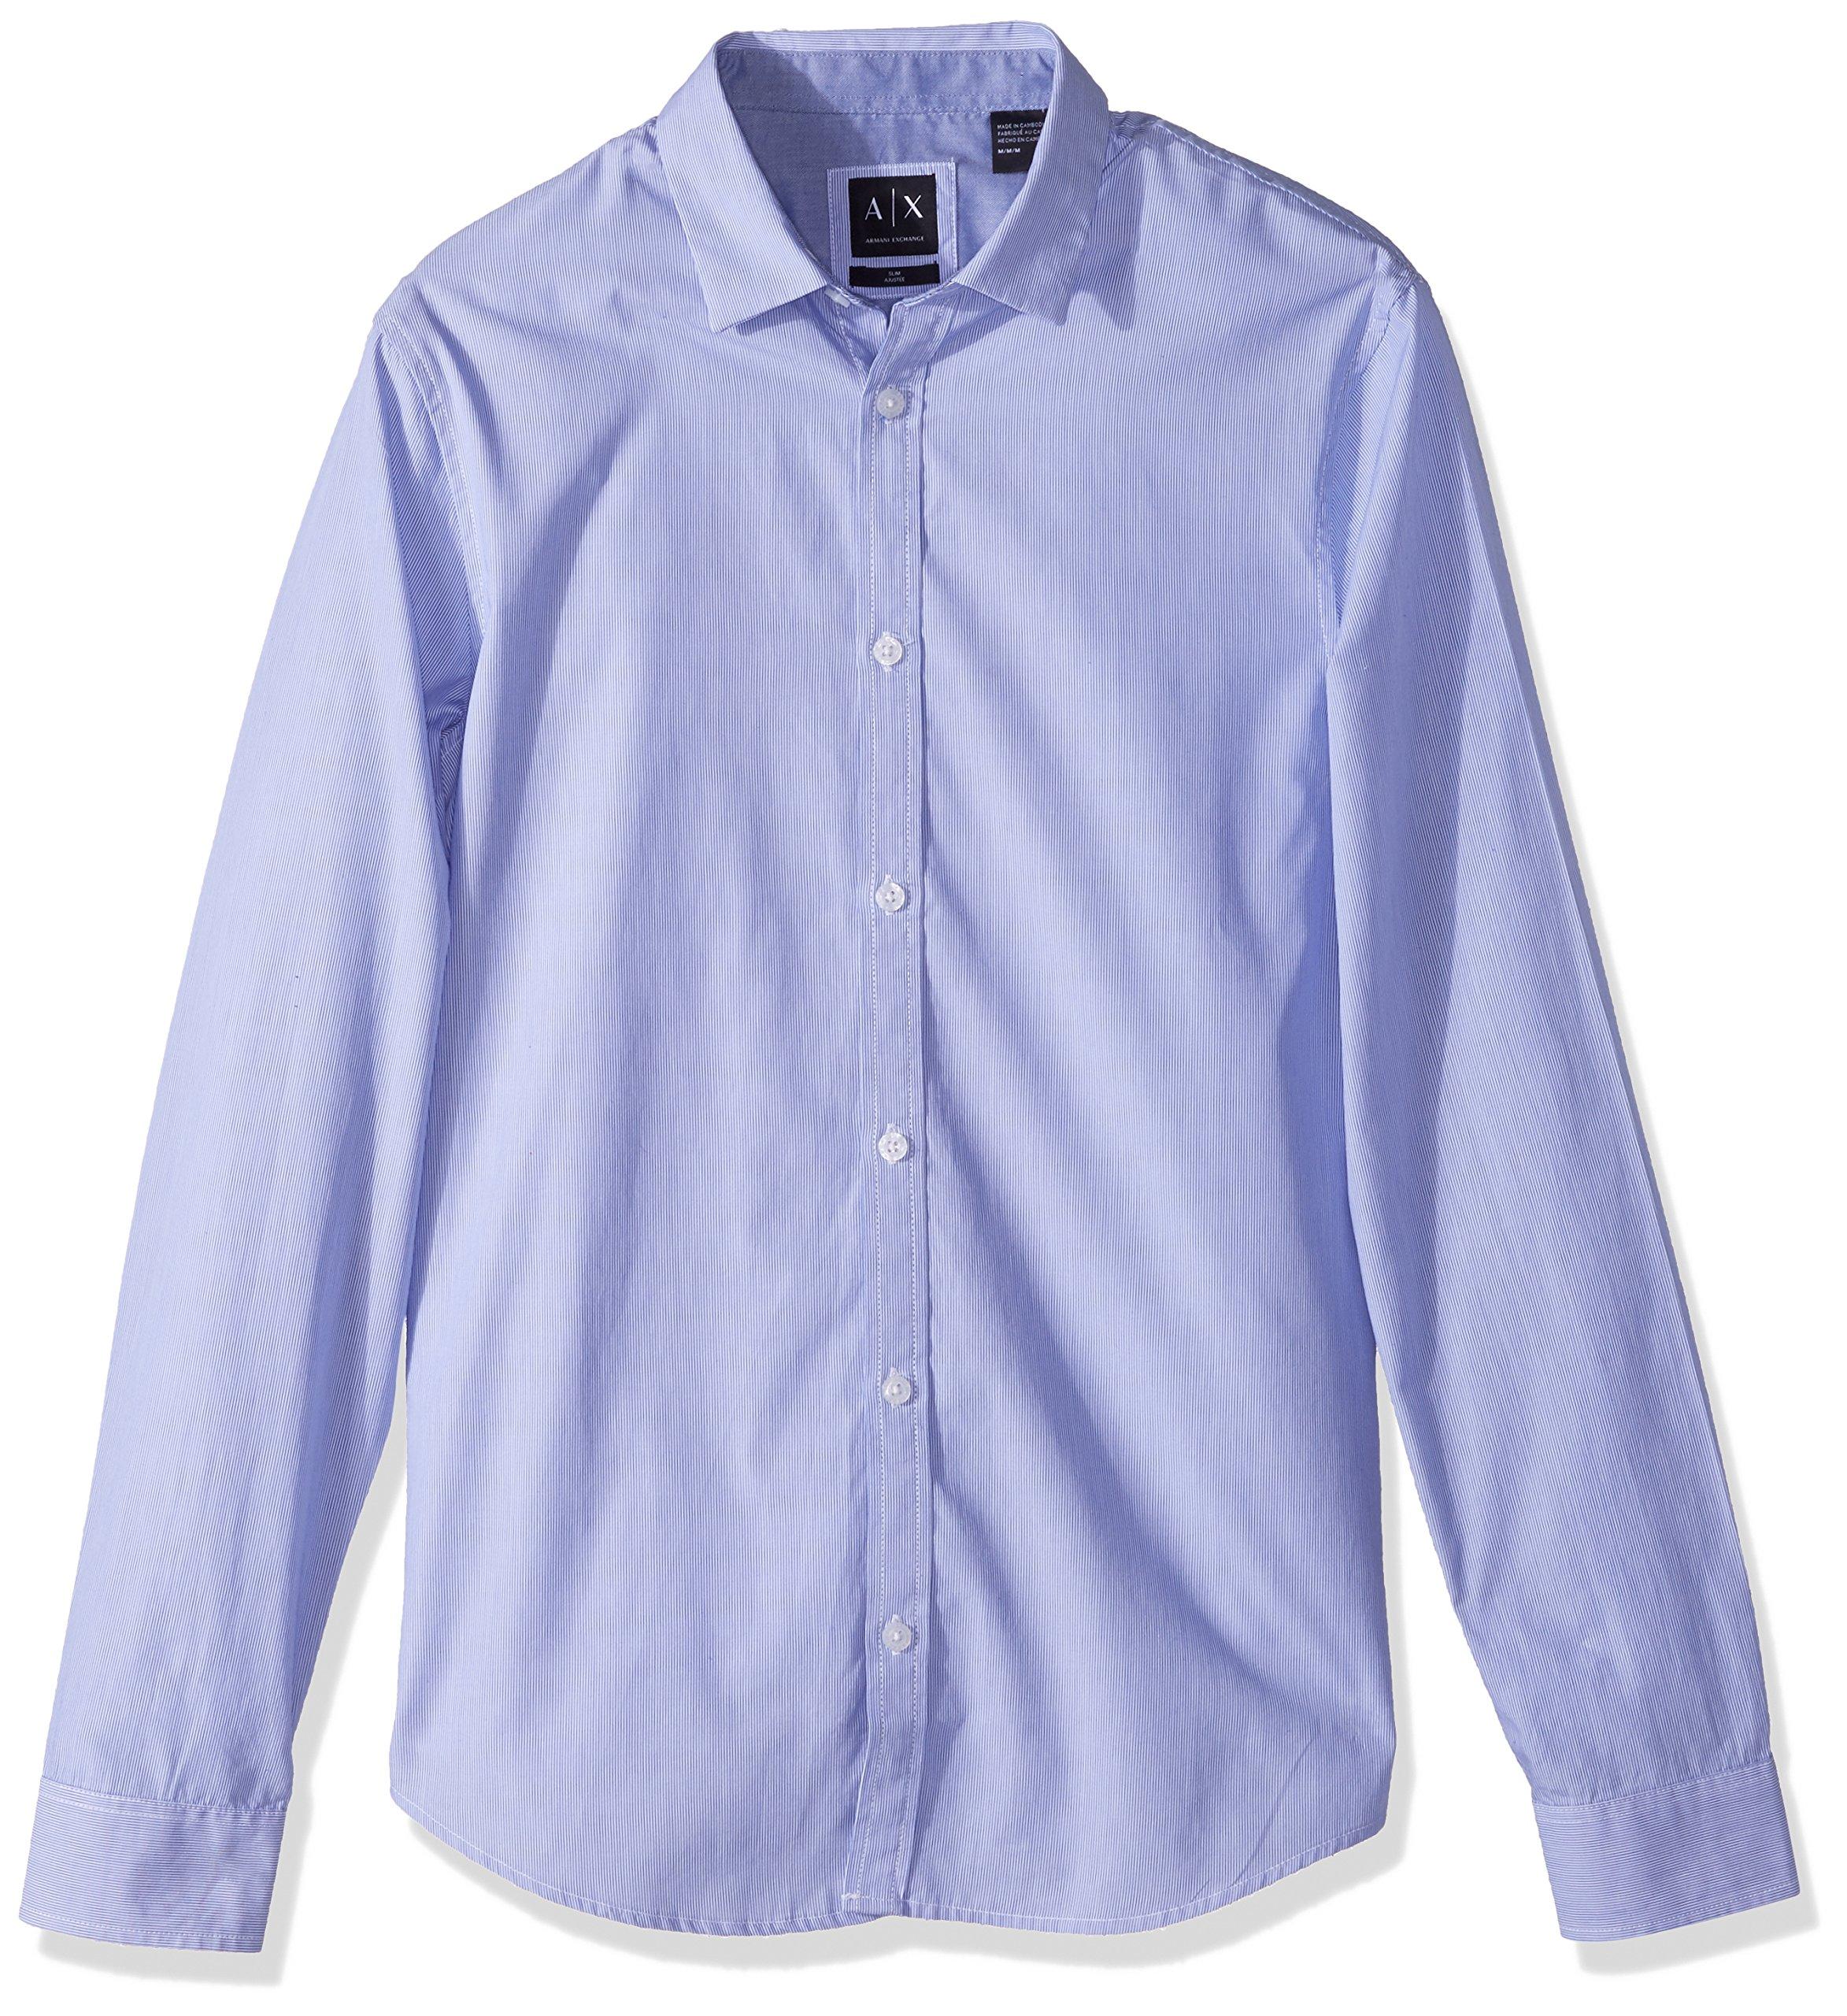 A|X Armani Exchange Men's Fine Striped Blue Button Down, Bluette/White, S